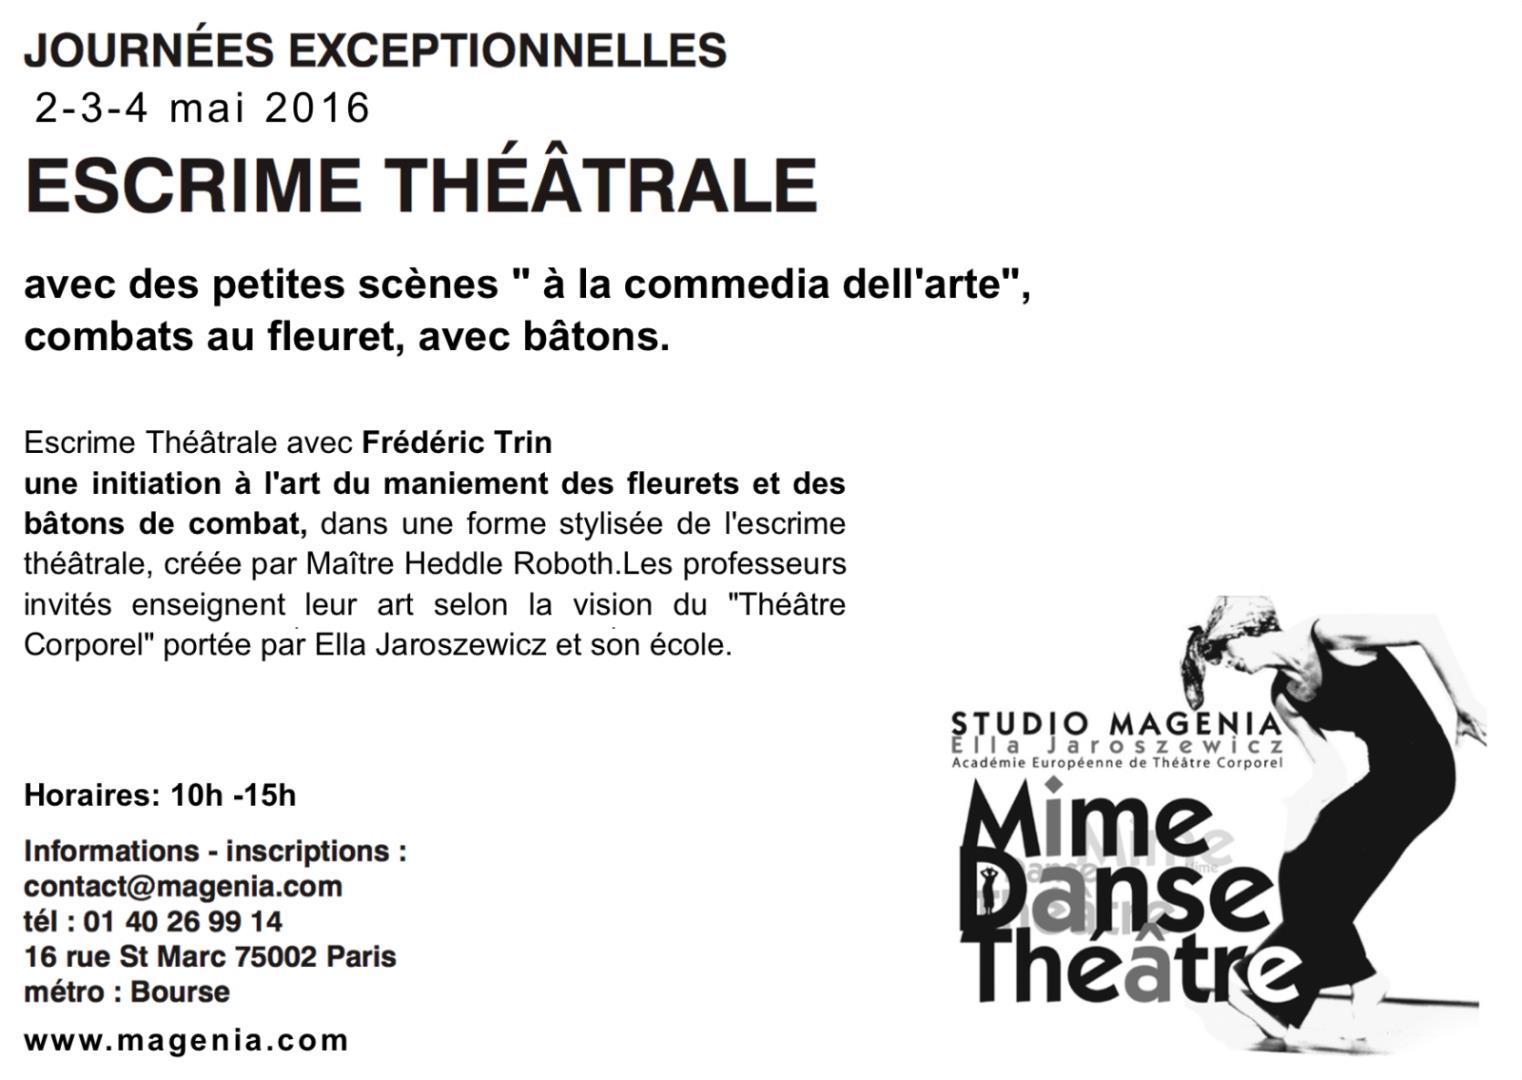 Escrime Théâtrale - Studio Magenia - Académie Européenne Théâtre Corporel